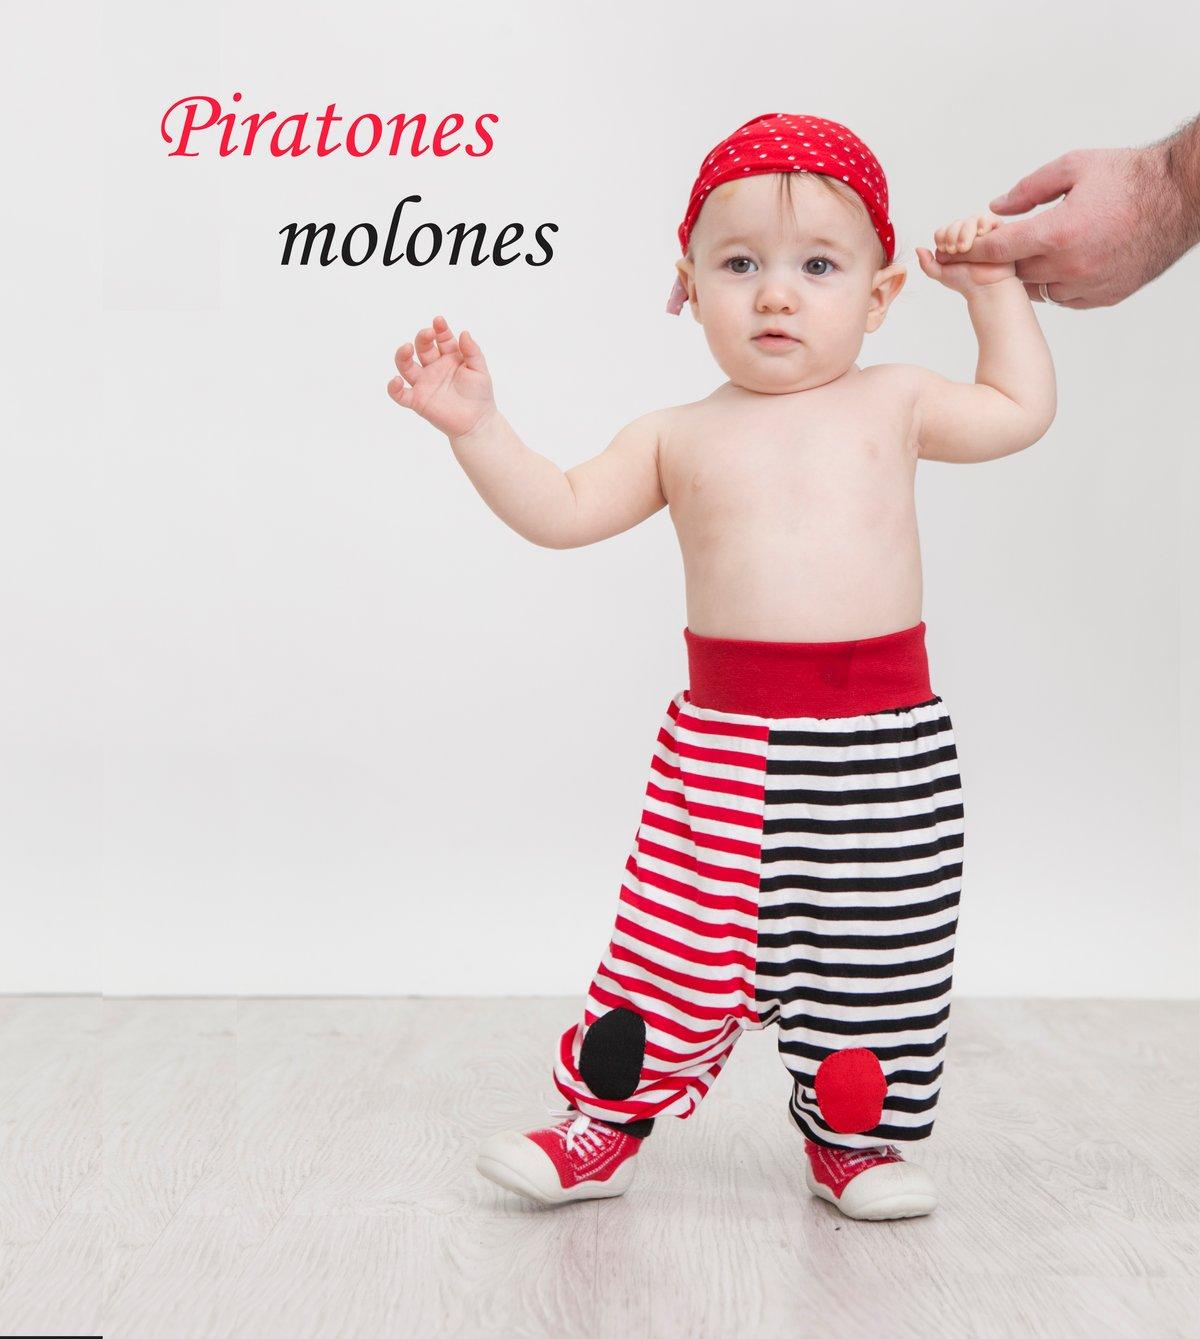 Image of Piratones